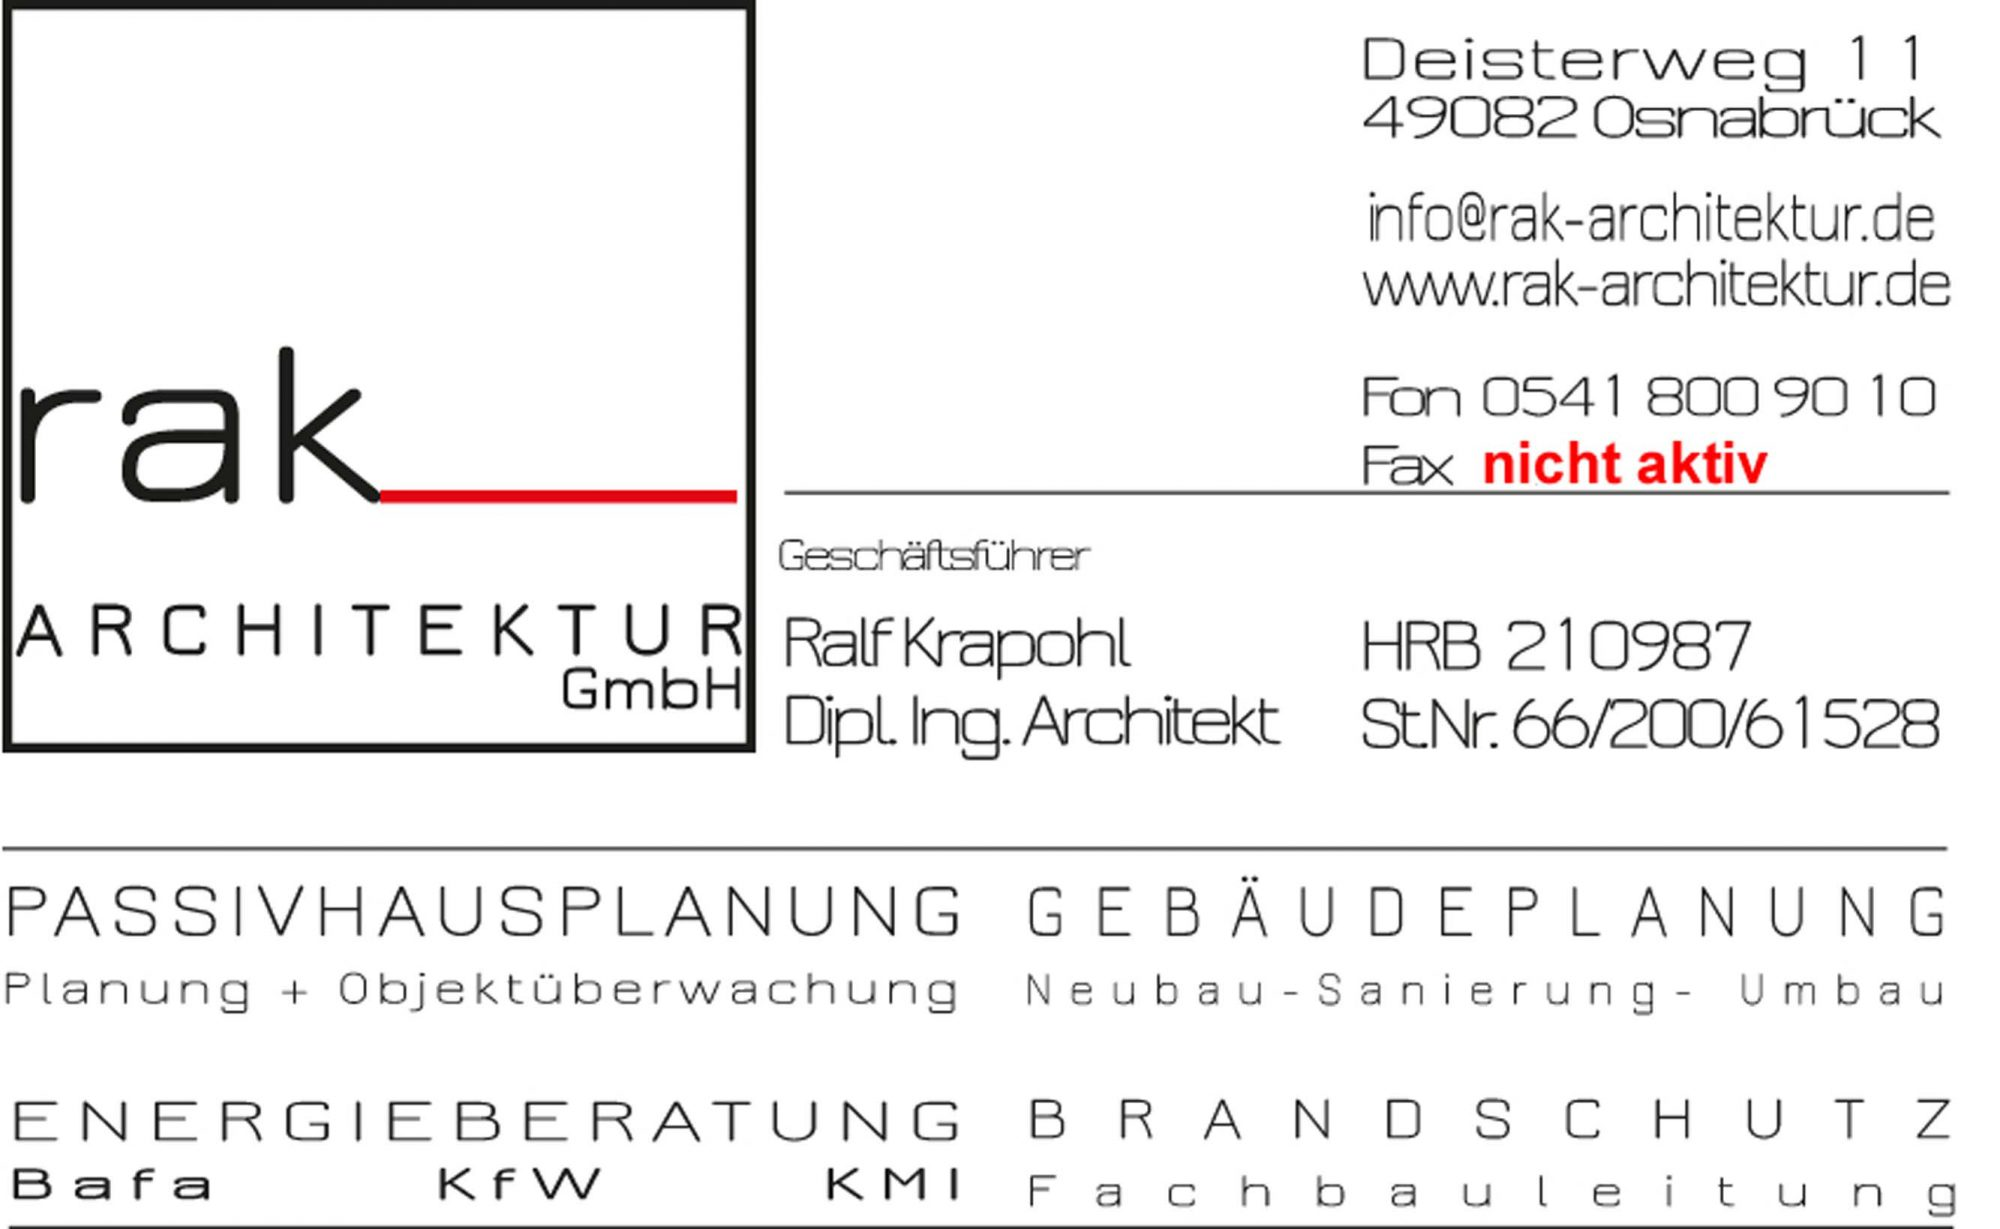 rak_ARCHITEKTUR GmbH